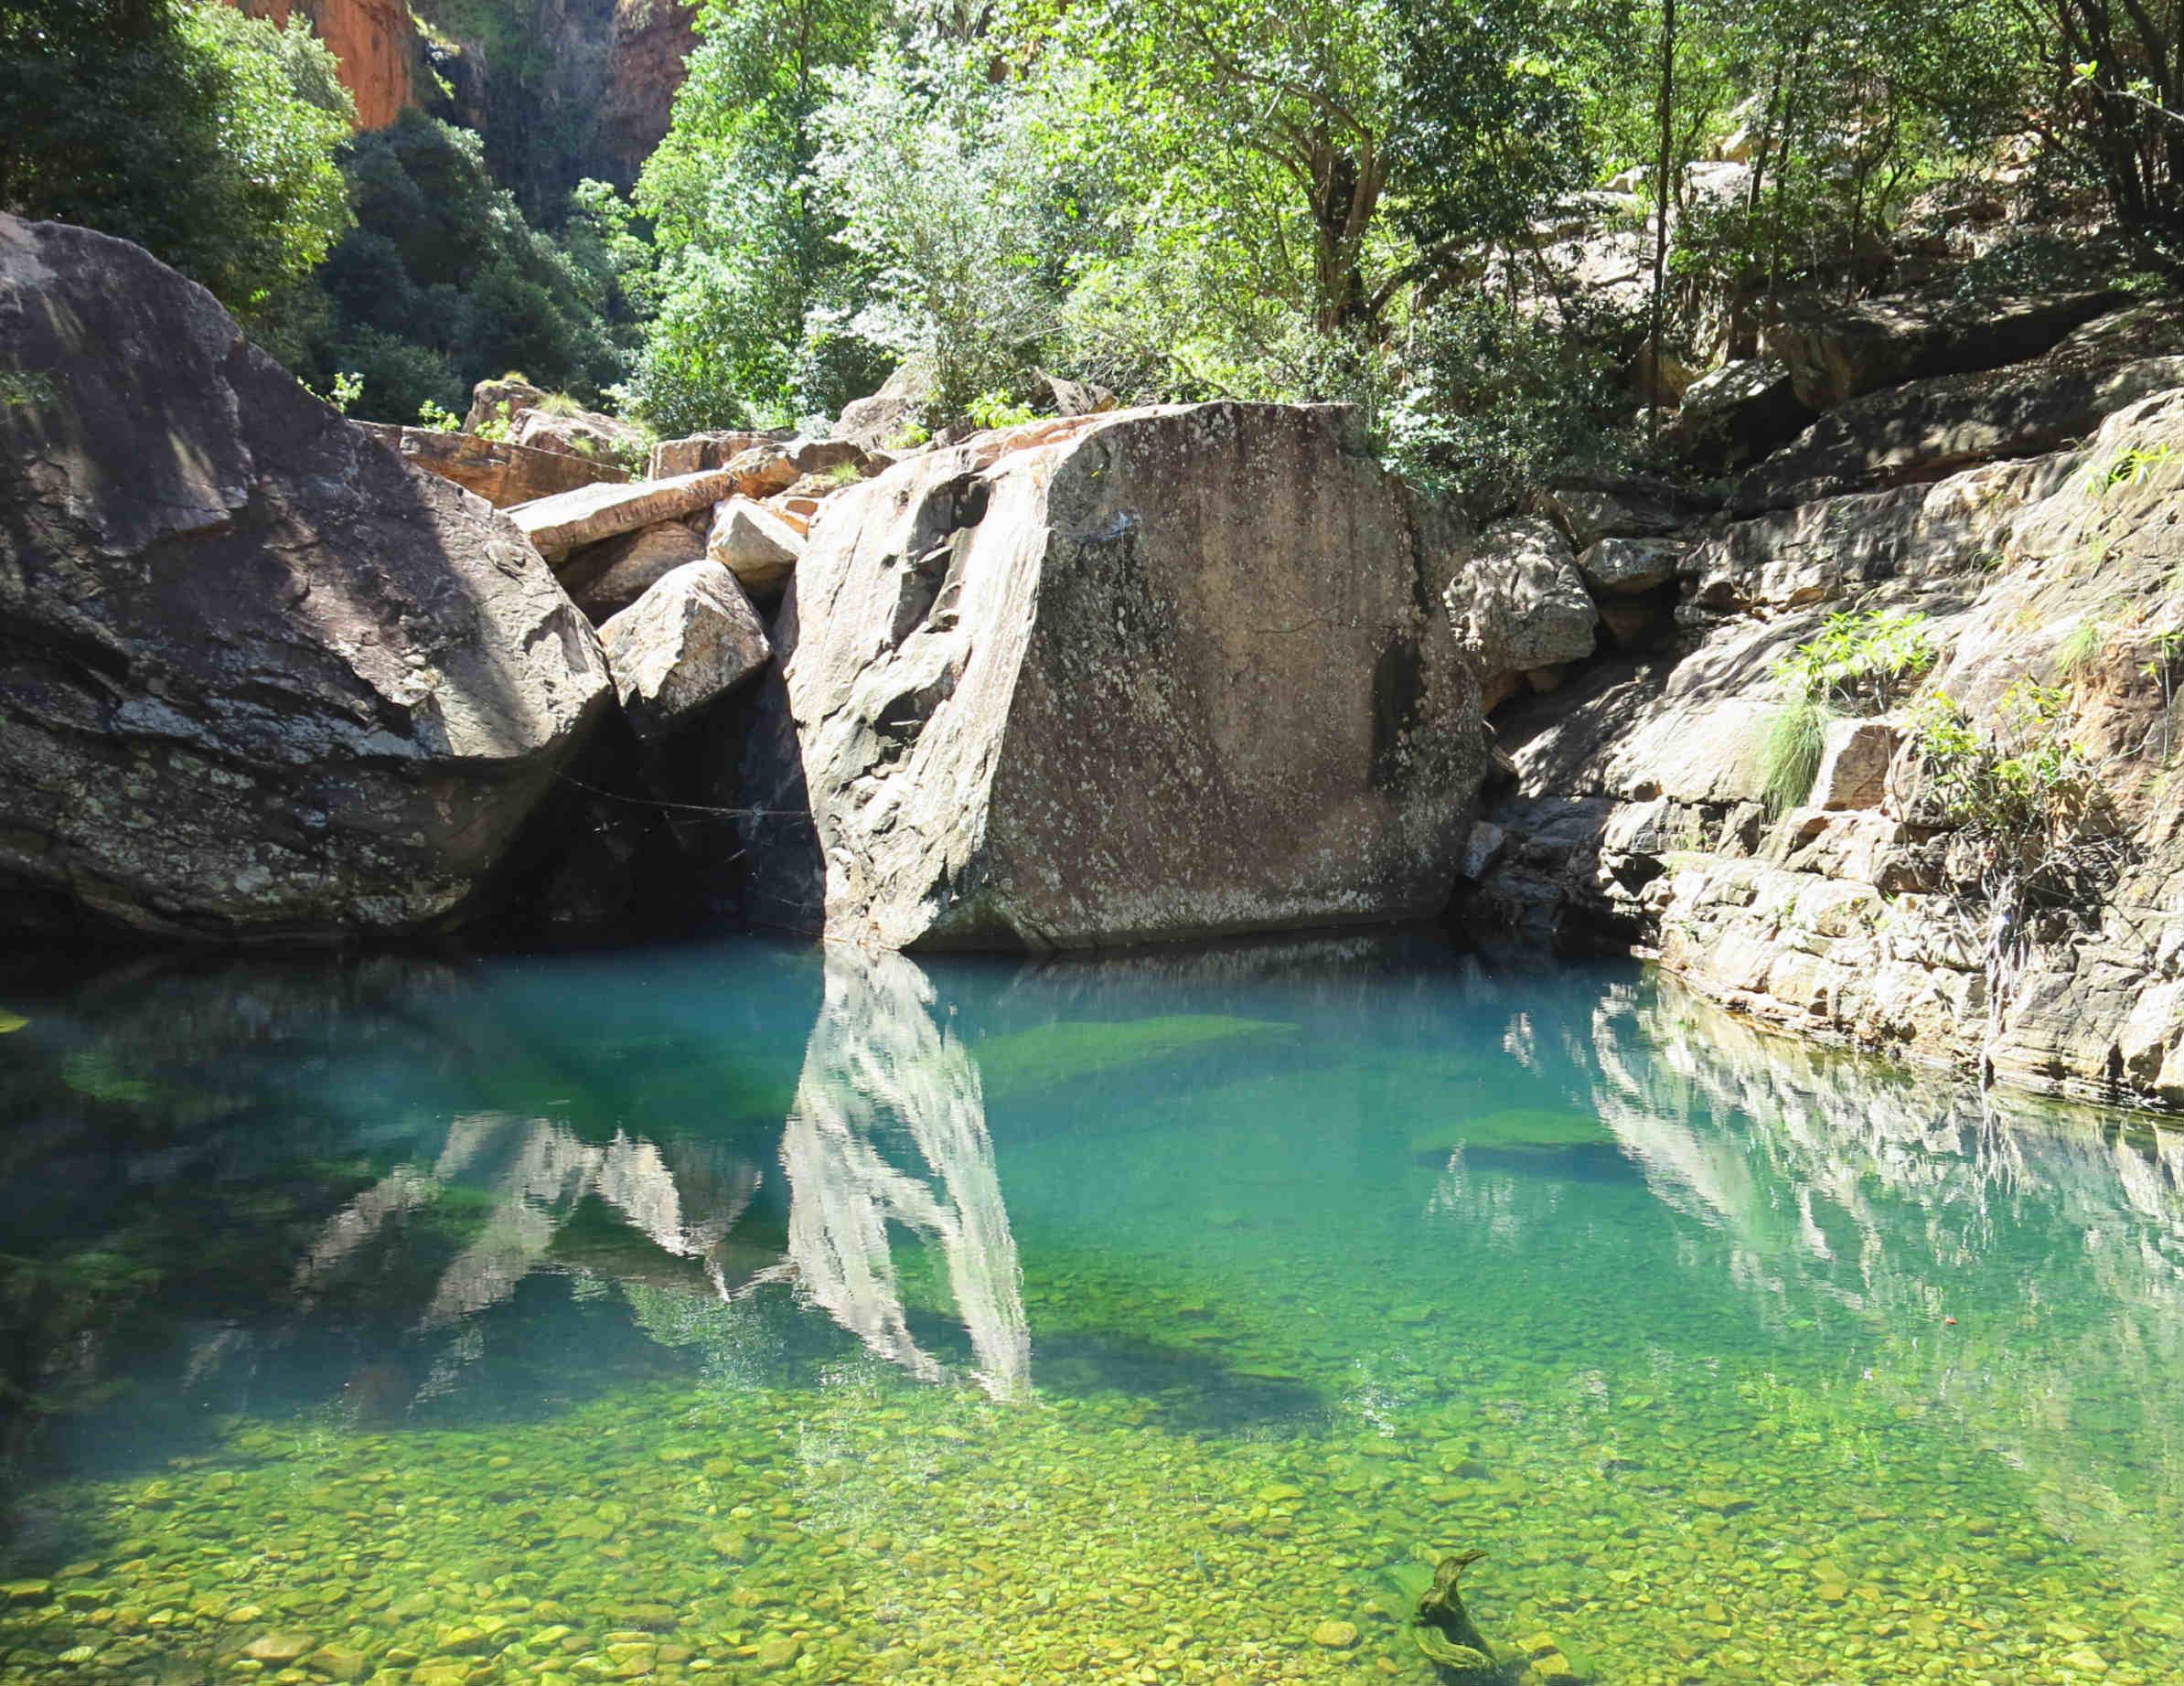 Australien_Westen-Kimberleys-Gibb-River-Road-Gorges